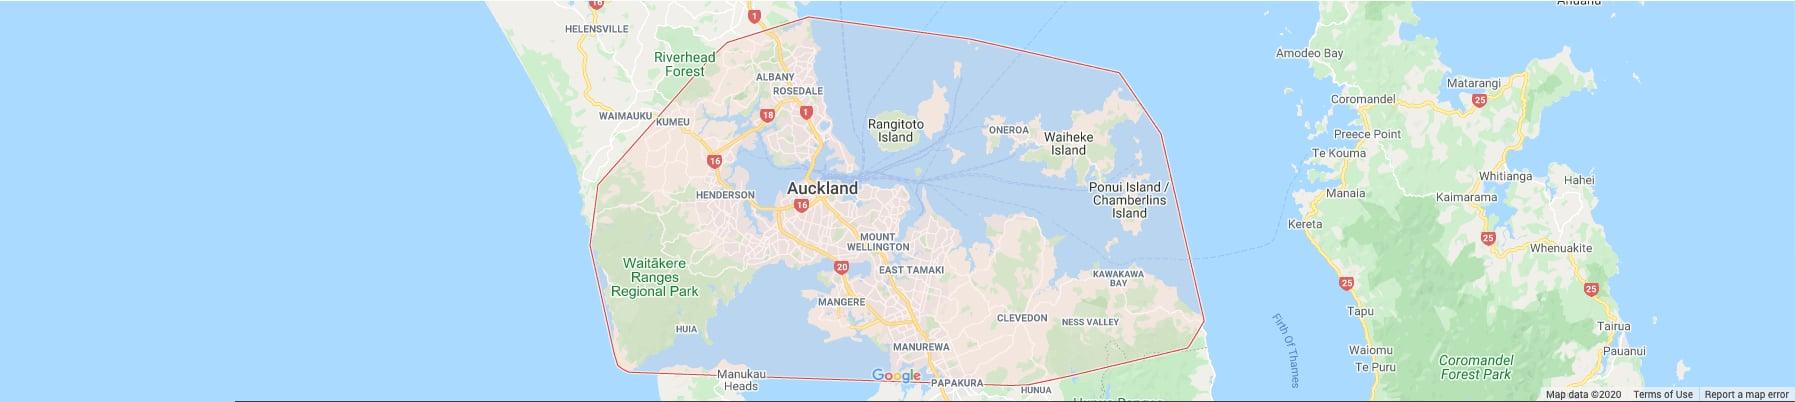 Bin Hire Service Area Auckland